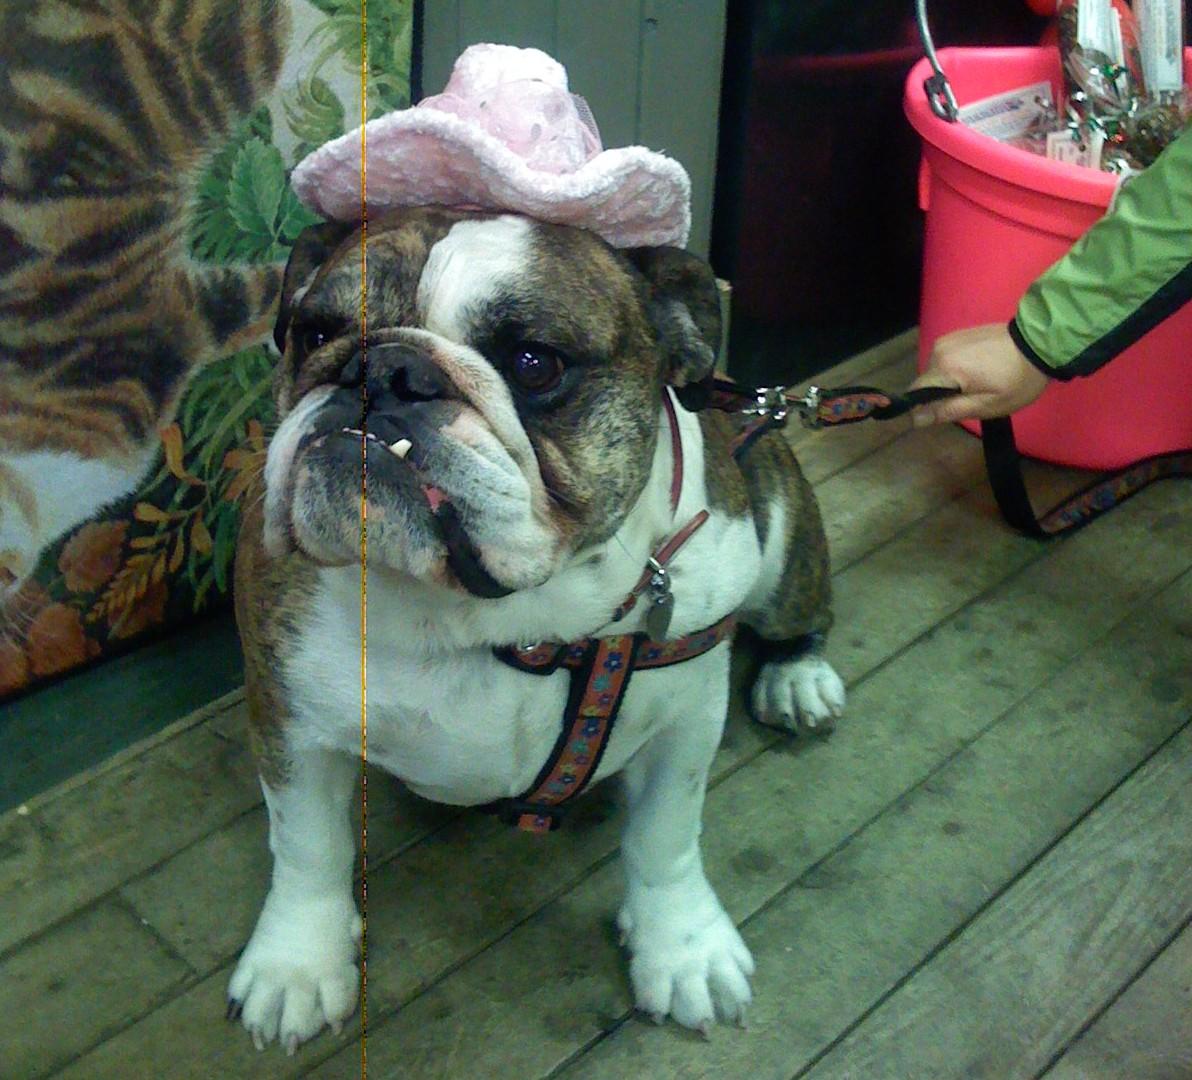 Molly the Bulldog